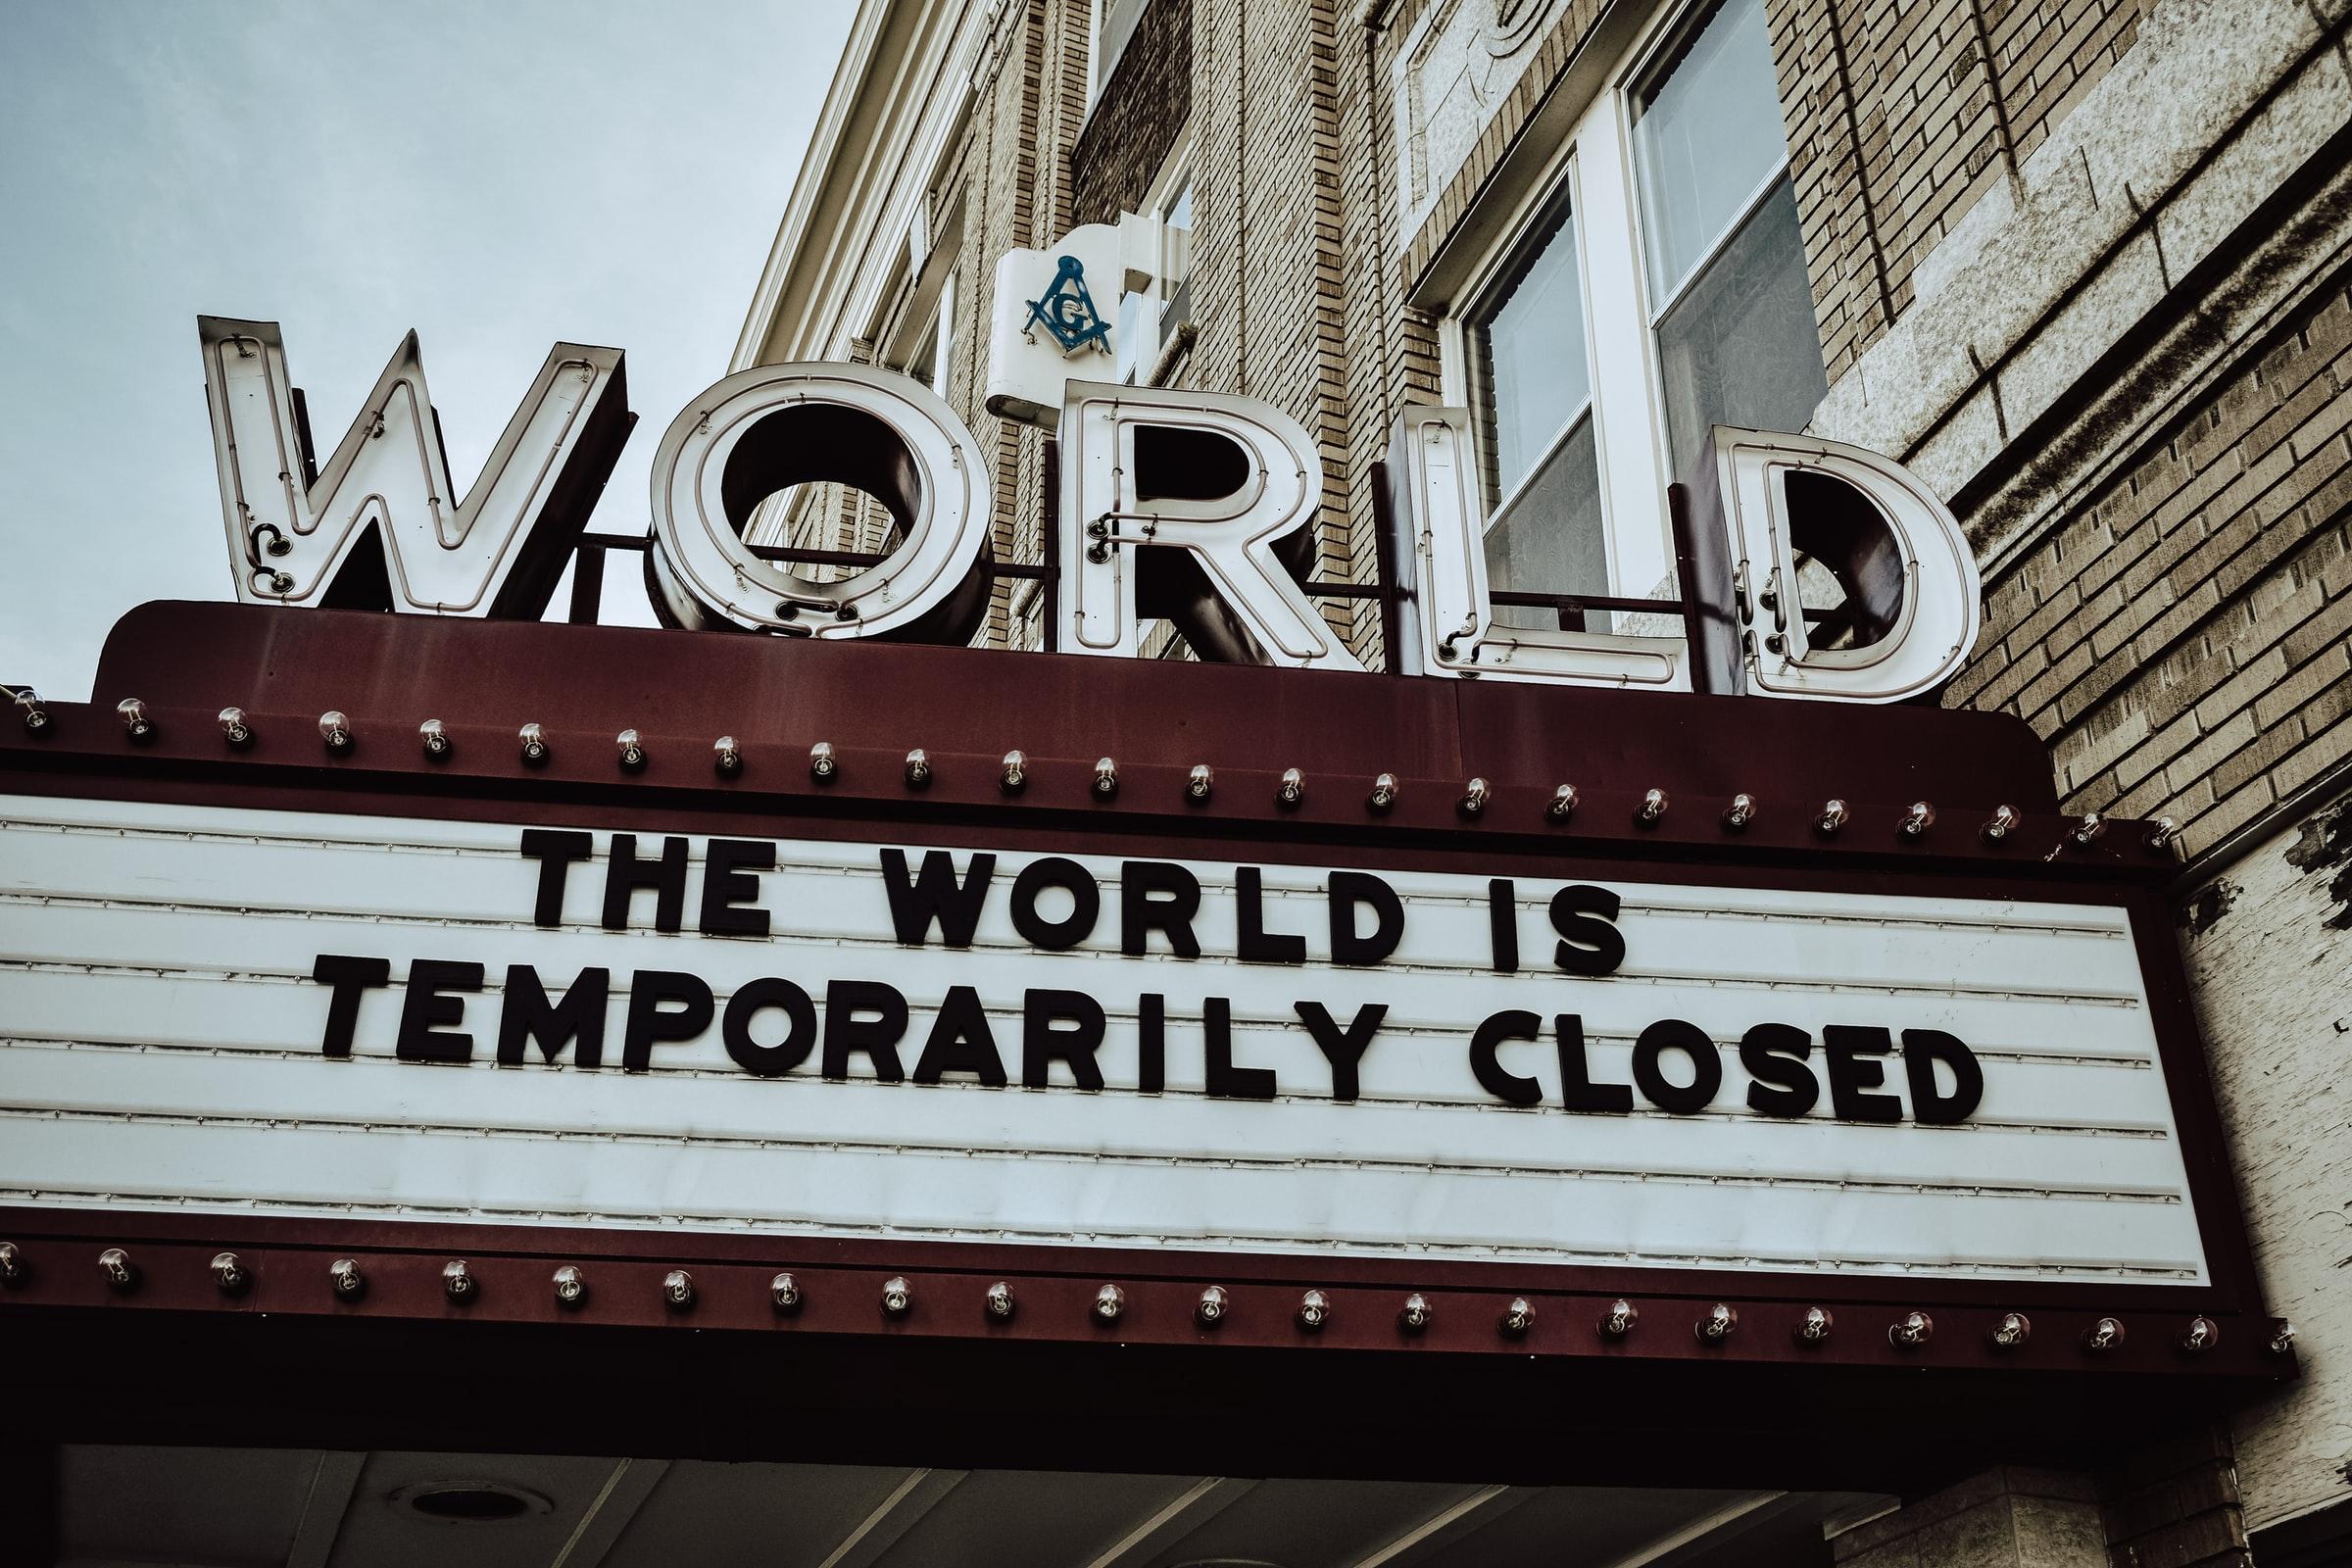 Cine World cerrado vacío de contenido World cinema closed no content